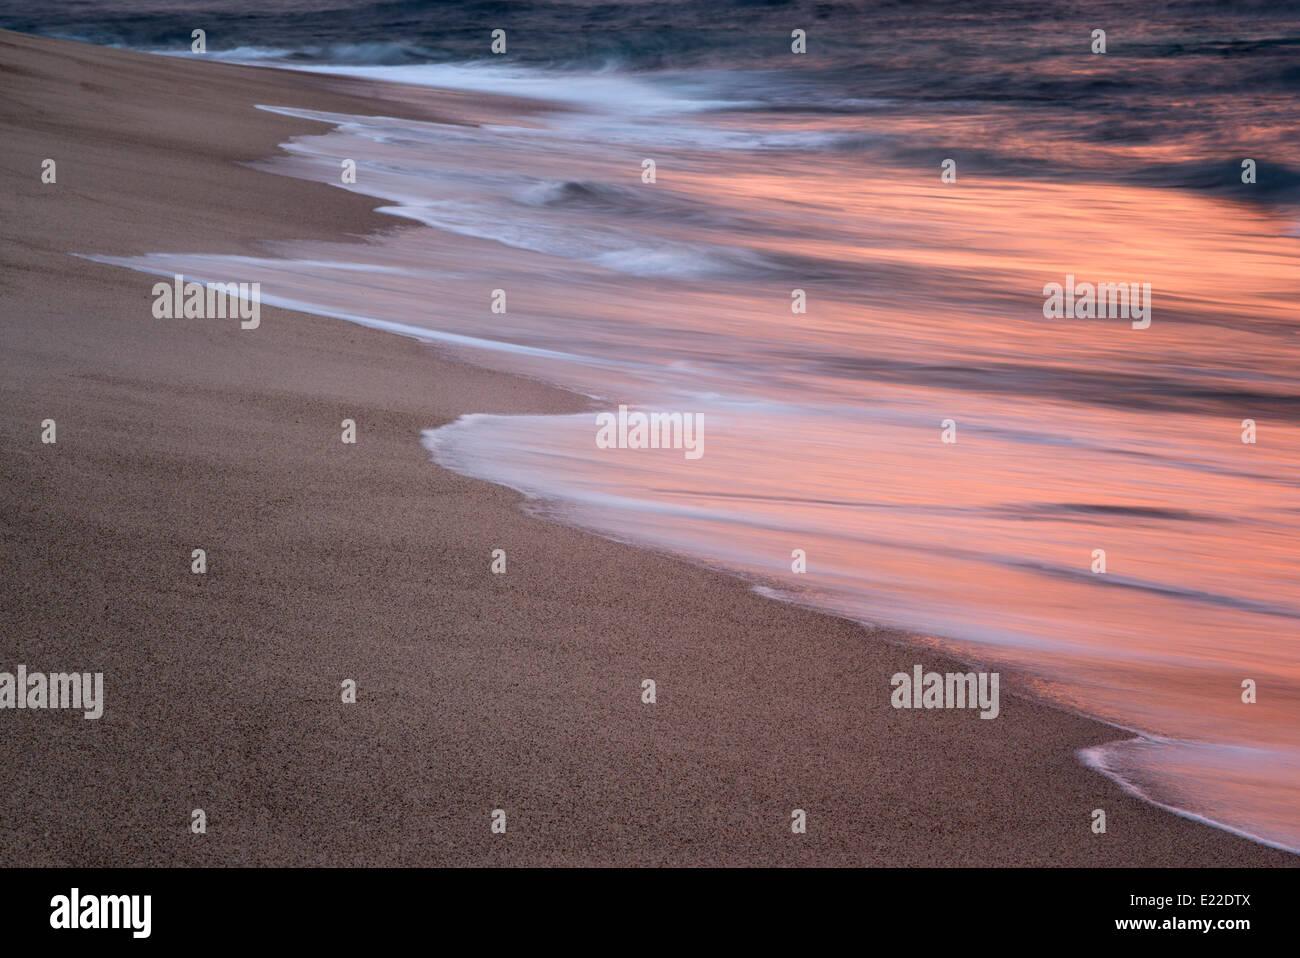 Océan vagues reflétant le coucher du soleil. Punta Mita, Mexique Photo Stock